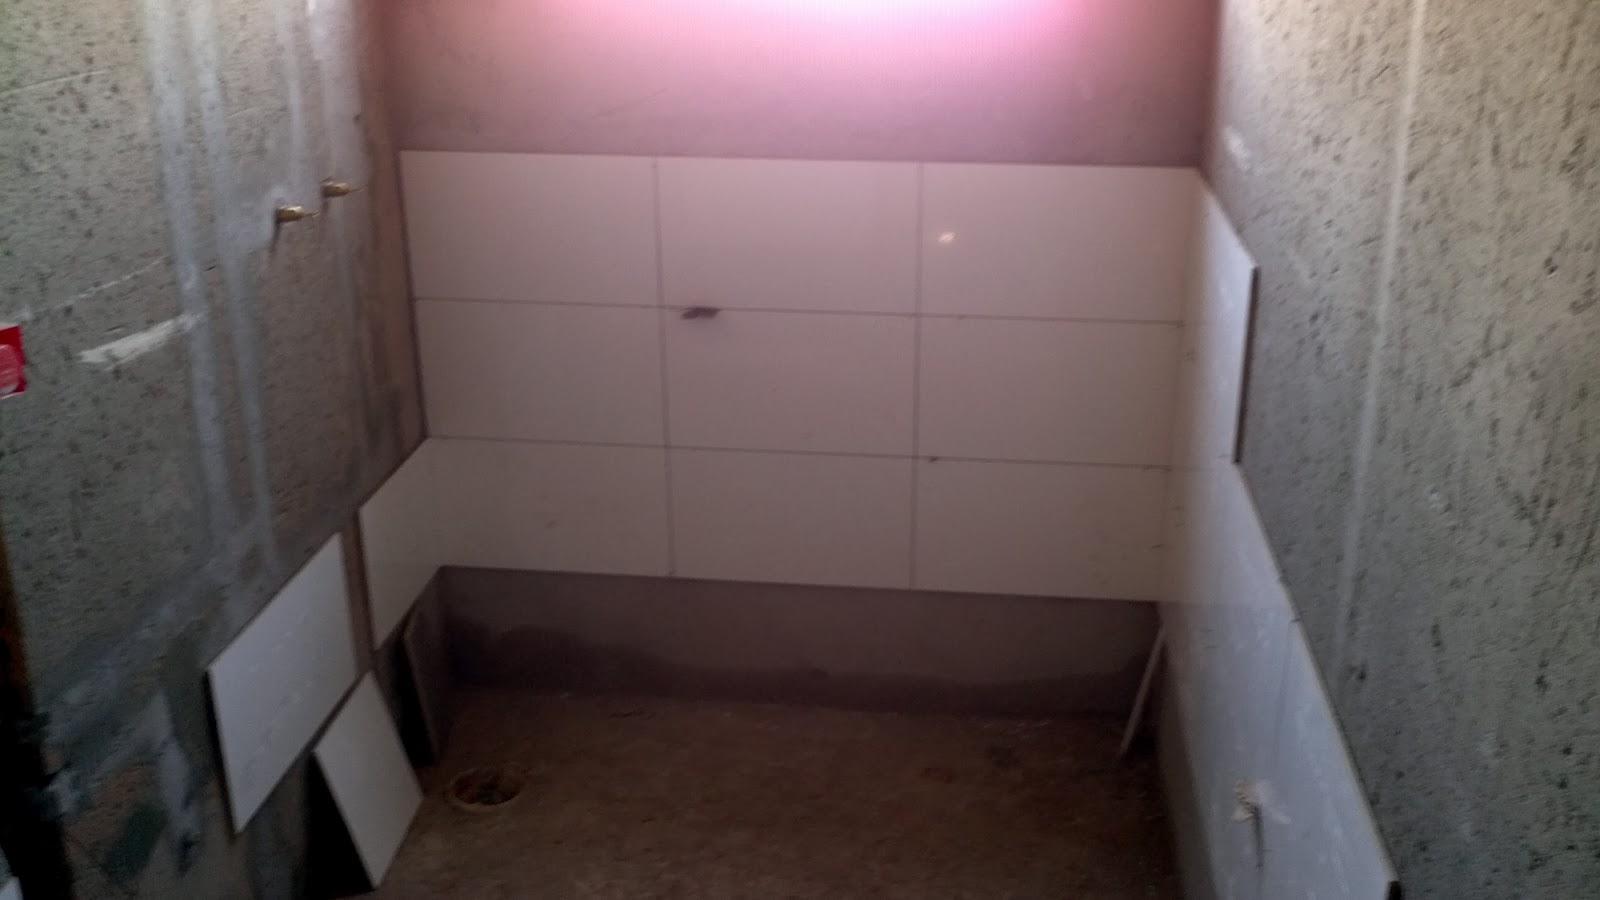 #913A67 Casa do Renato e da Gi: Gesso e Revestimentos Iniciado Cooktop  1600x900 px Banheiro Parede Gesso 2453